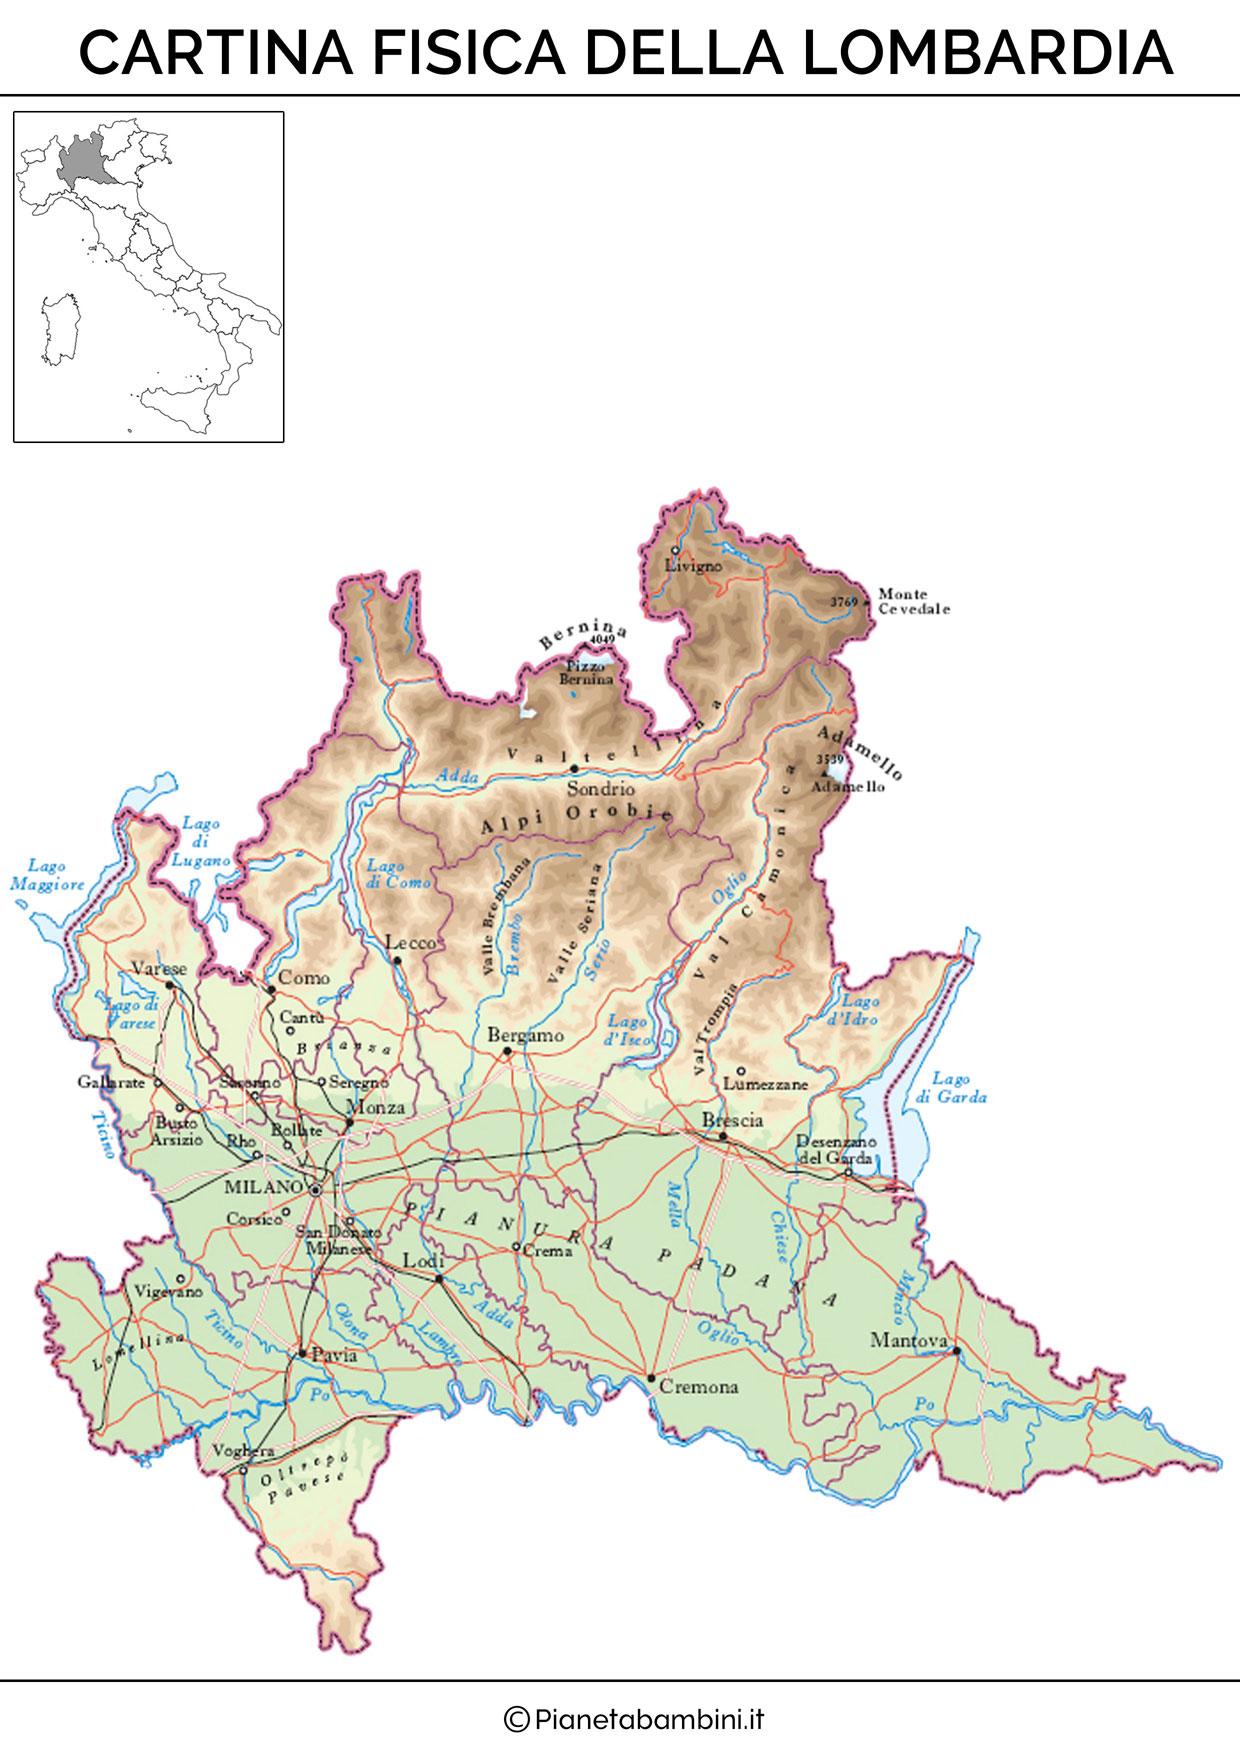 Cartina Fisica Lago Di Garda.Cartina Muta Fisica E Politica Della Lombardia Da Stampare Pianetabambini It